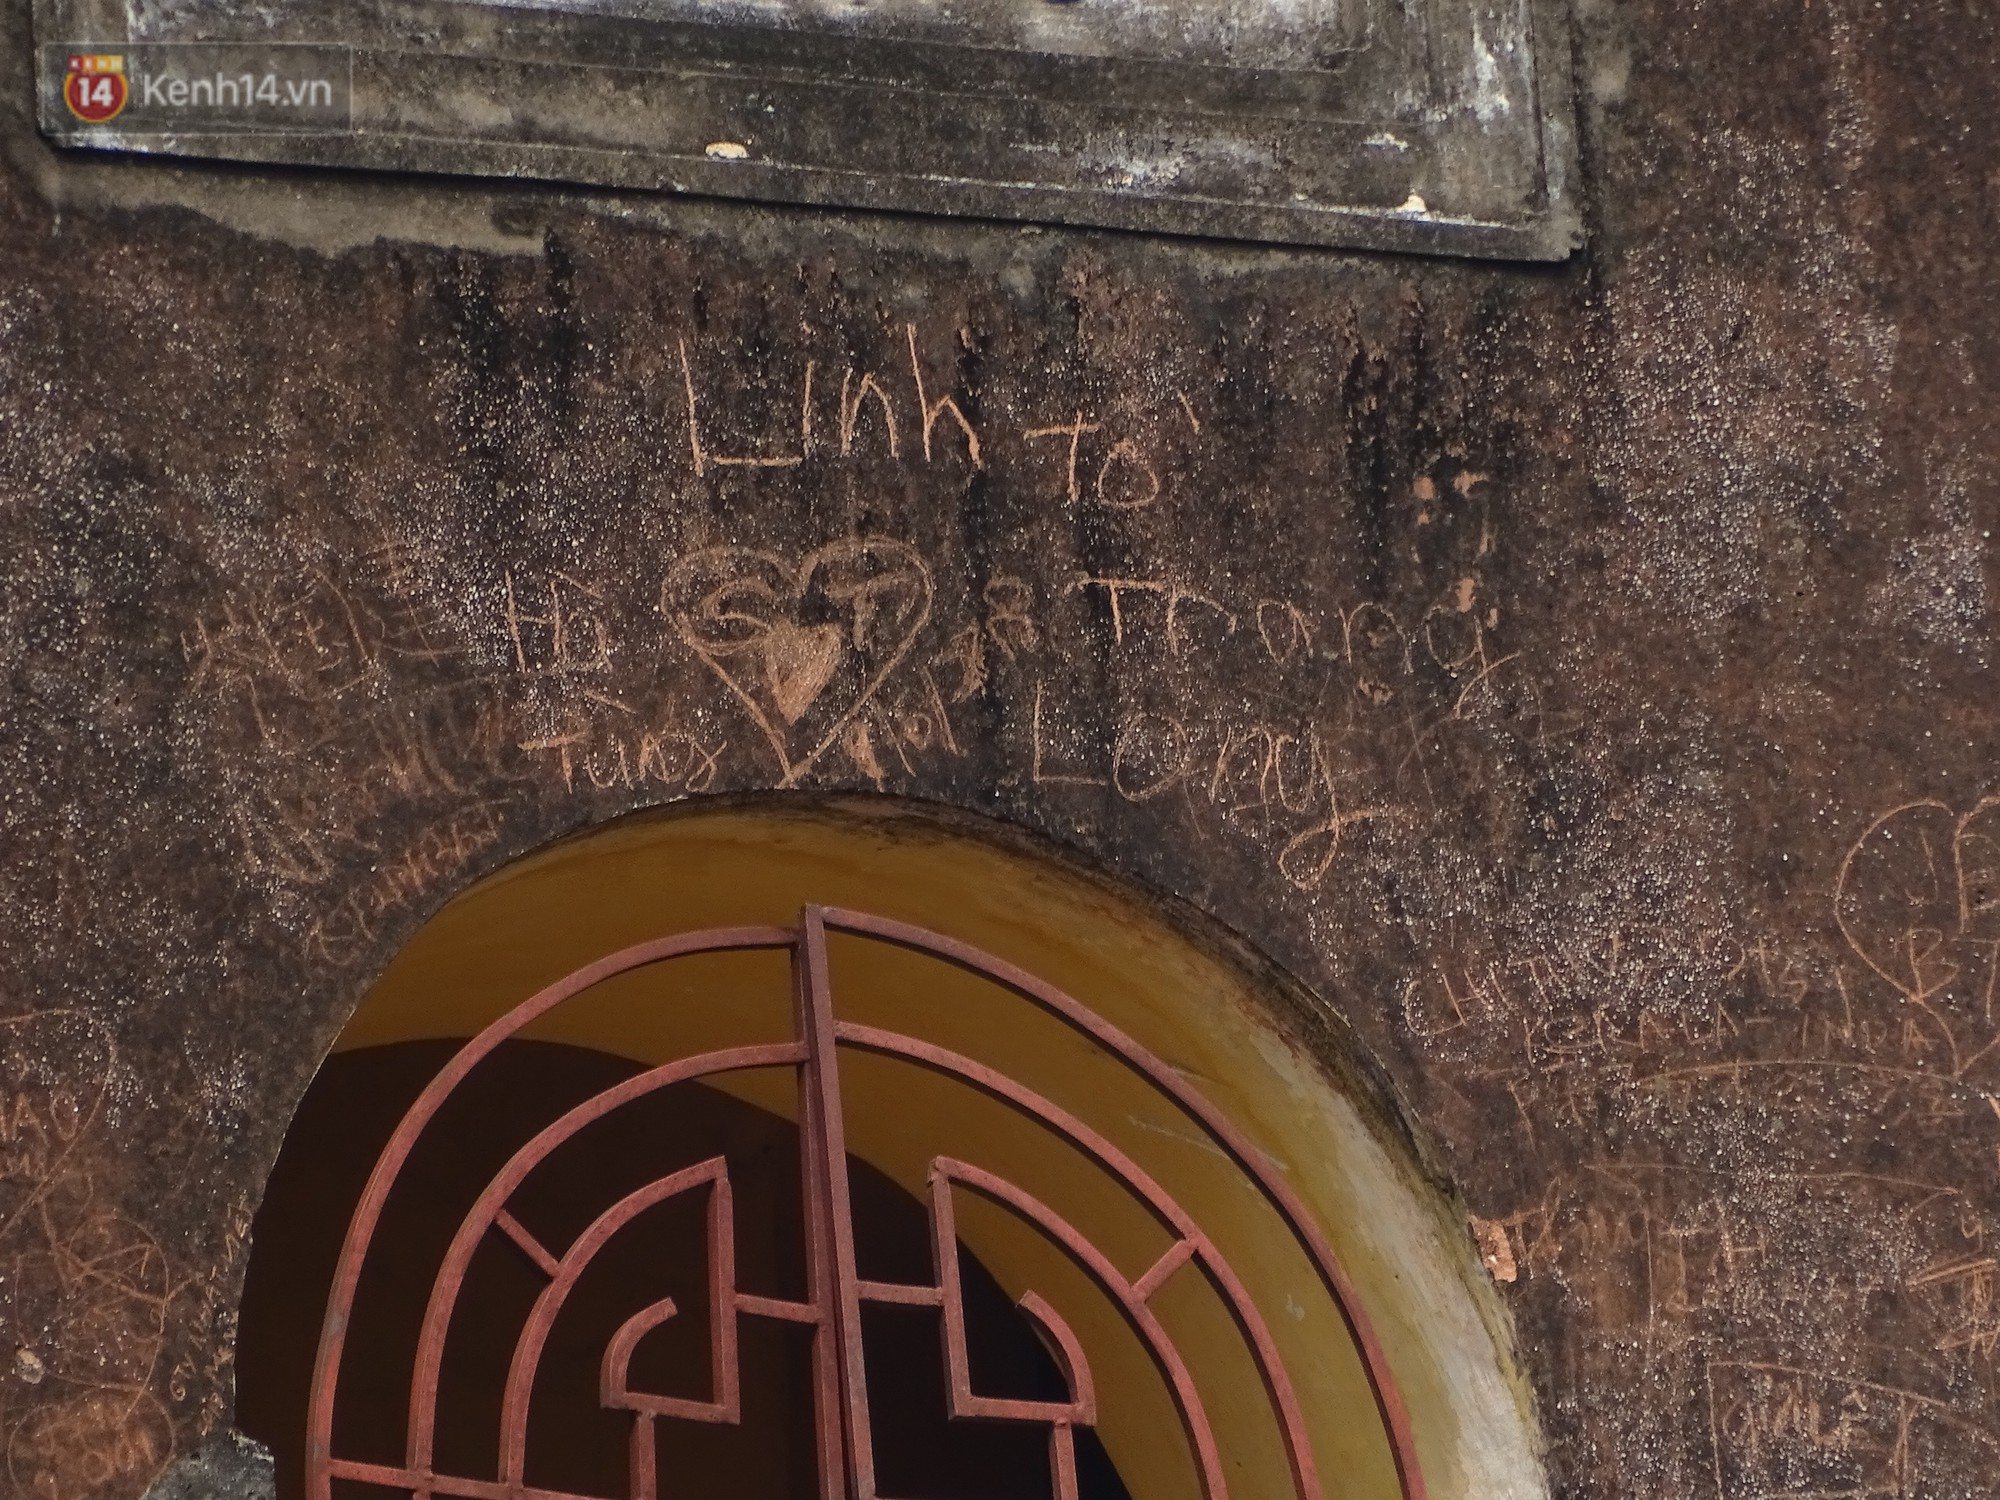 Từ những dòng chữ tiếng Việt tại điểm du lịch nước ngoài đến thói ký tên phản cảm trên di tích ở Hà Nội: Có thể cấm tham quan nếu cố tình tái xâm phạm - Ảnh 7.